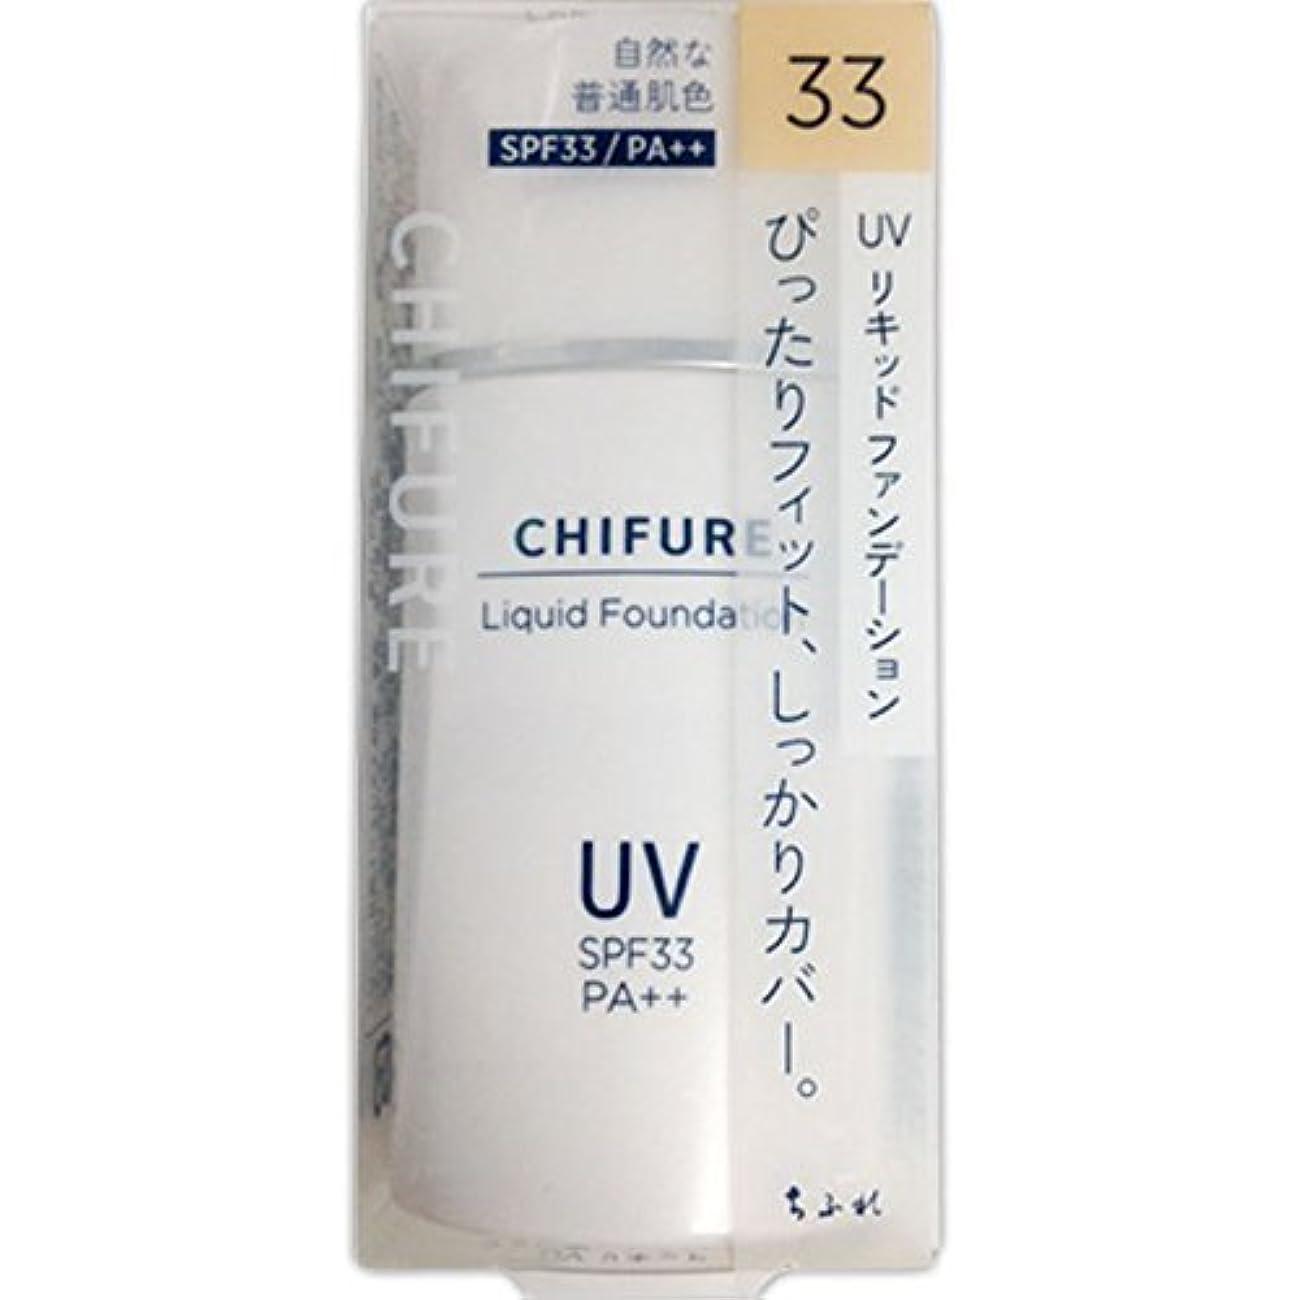 意外禁輸ハリケーンちふれ化粧品 UV リキッド ファンデーション 33 自然な普通肌色 30ML